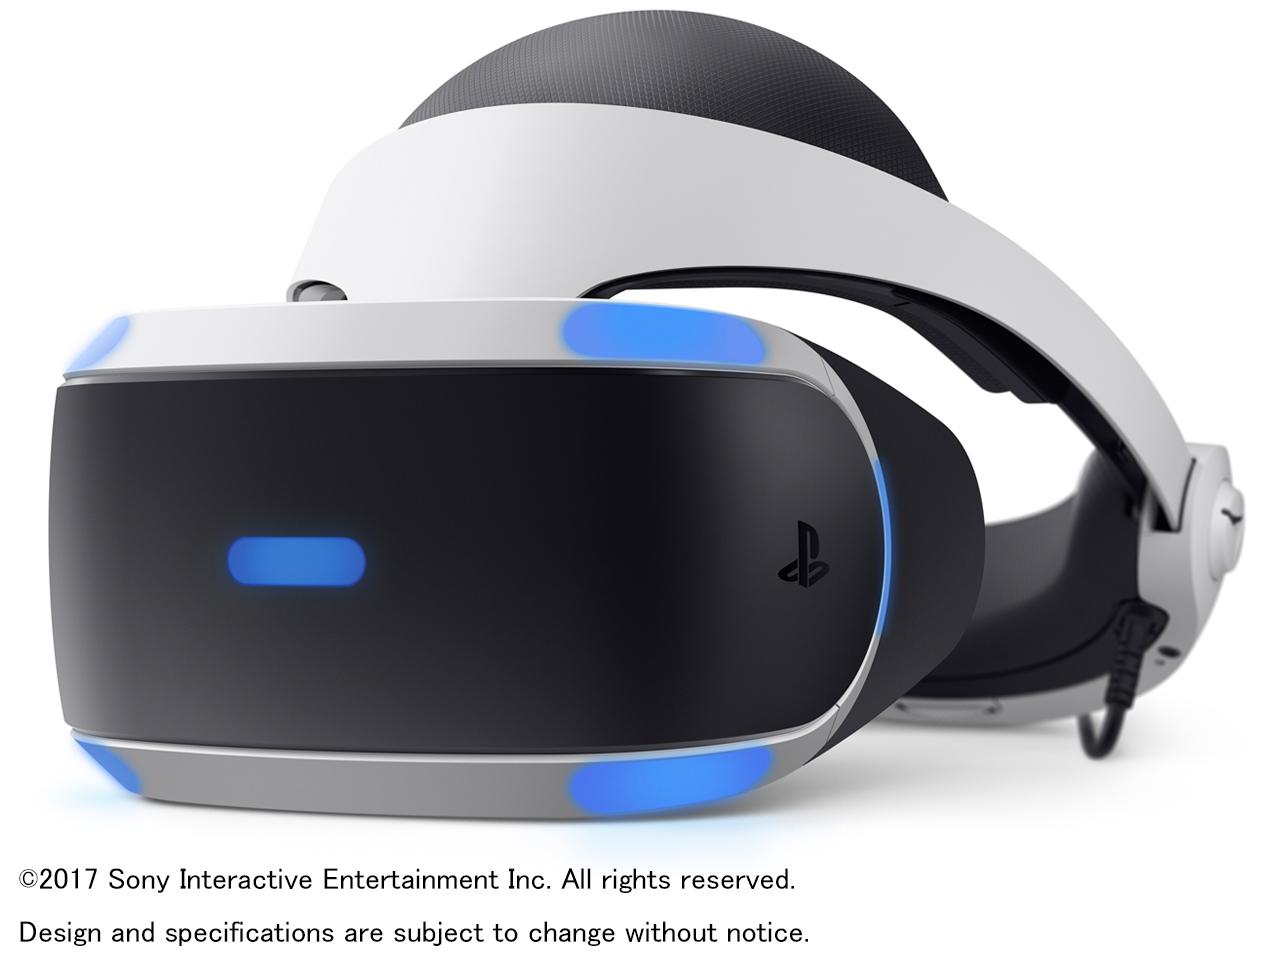 PlayStation VR PlayStation Camera同梱版 CUHJ-16003 の製品画像